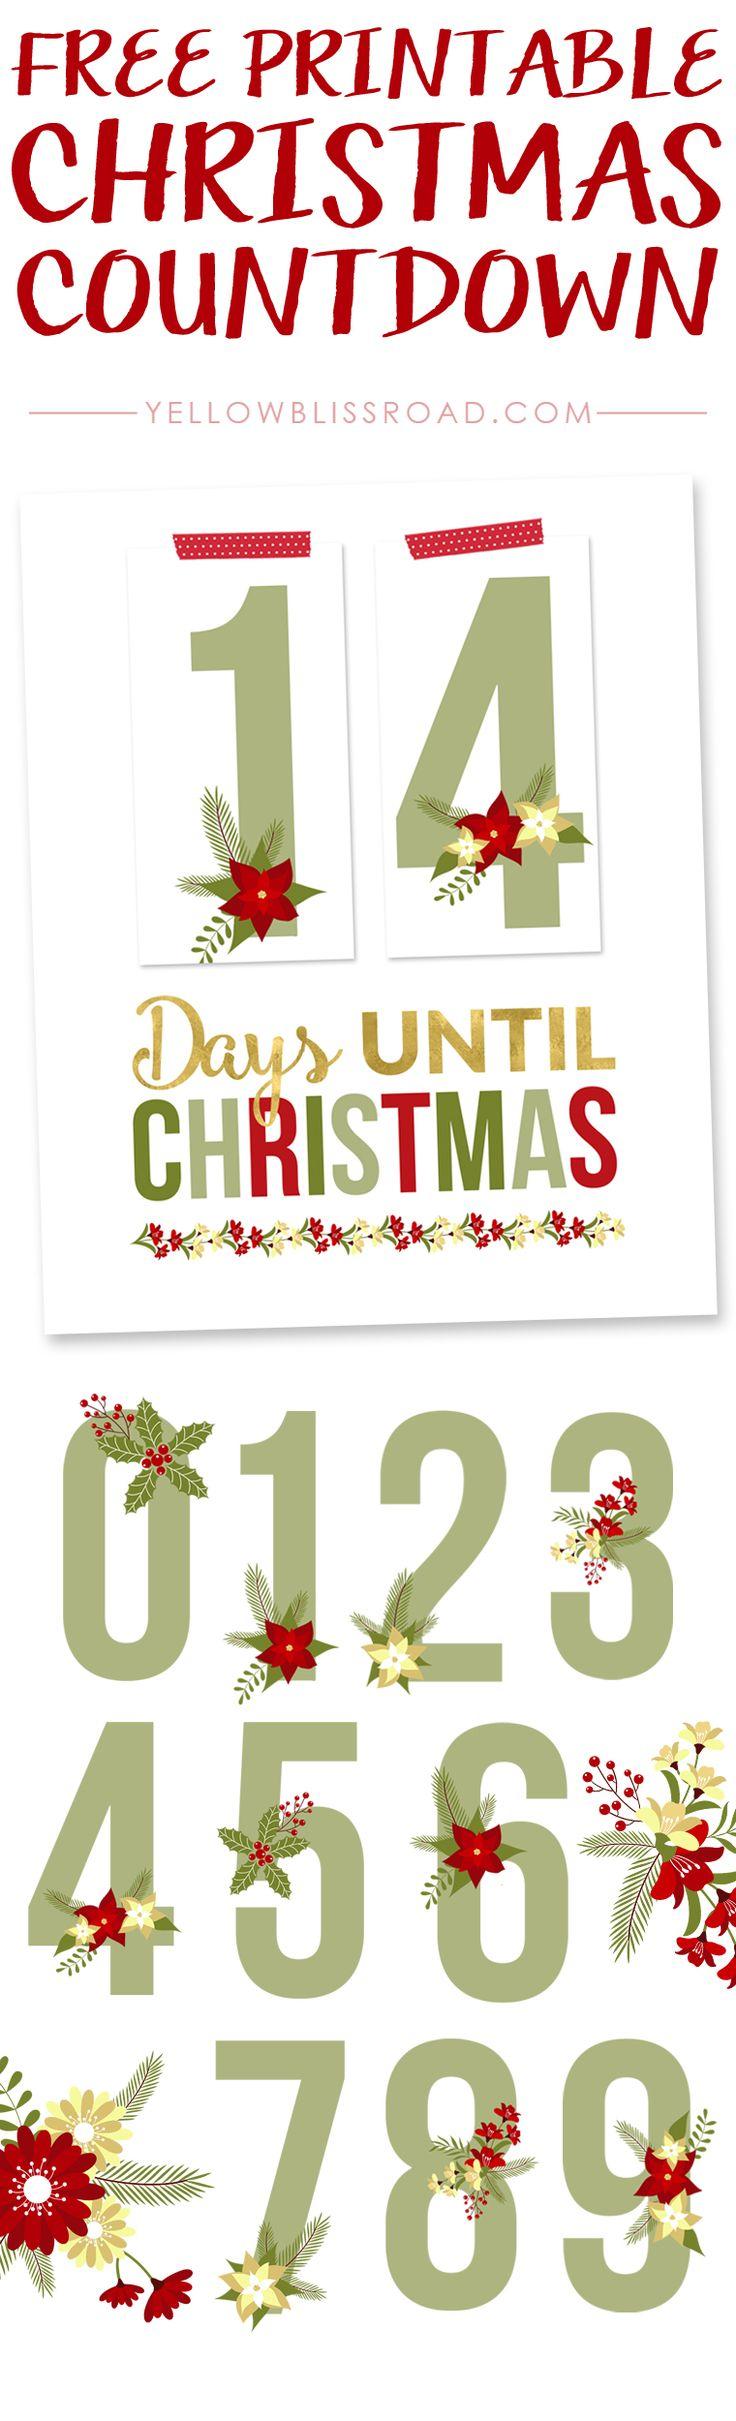 Free Printable Christmas Countdown | Bake Craft Sew Decorate - Free Printable Christmas Photo Collage